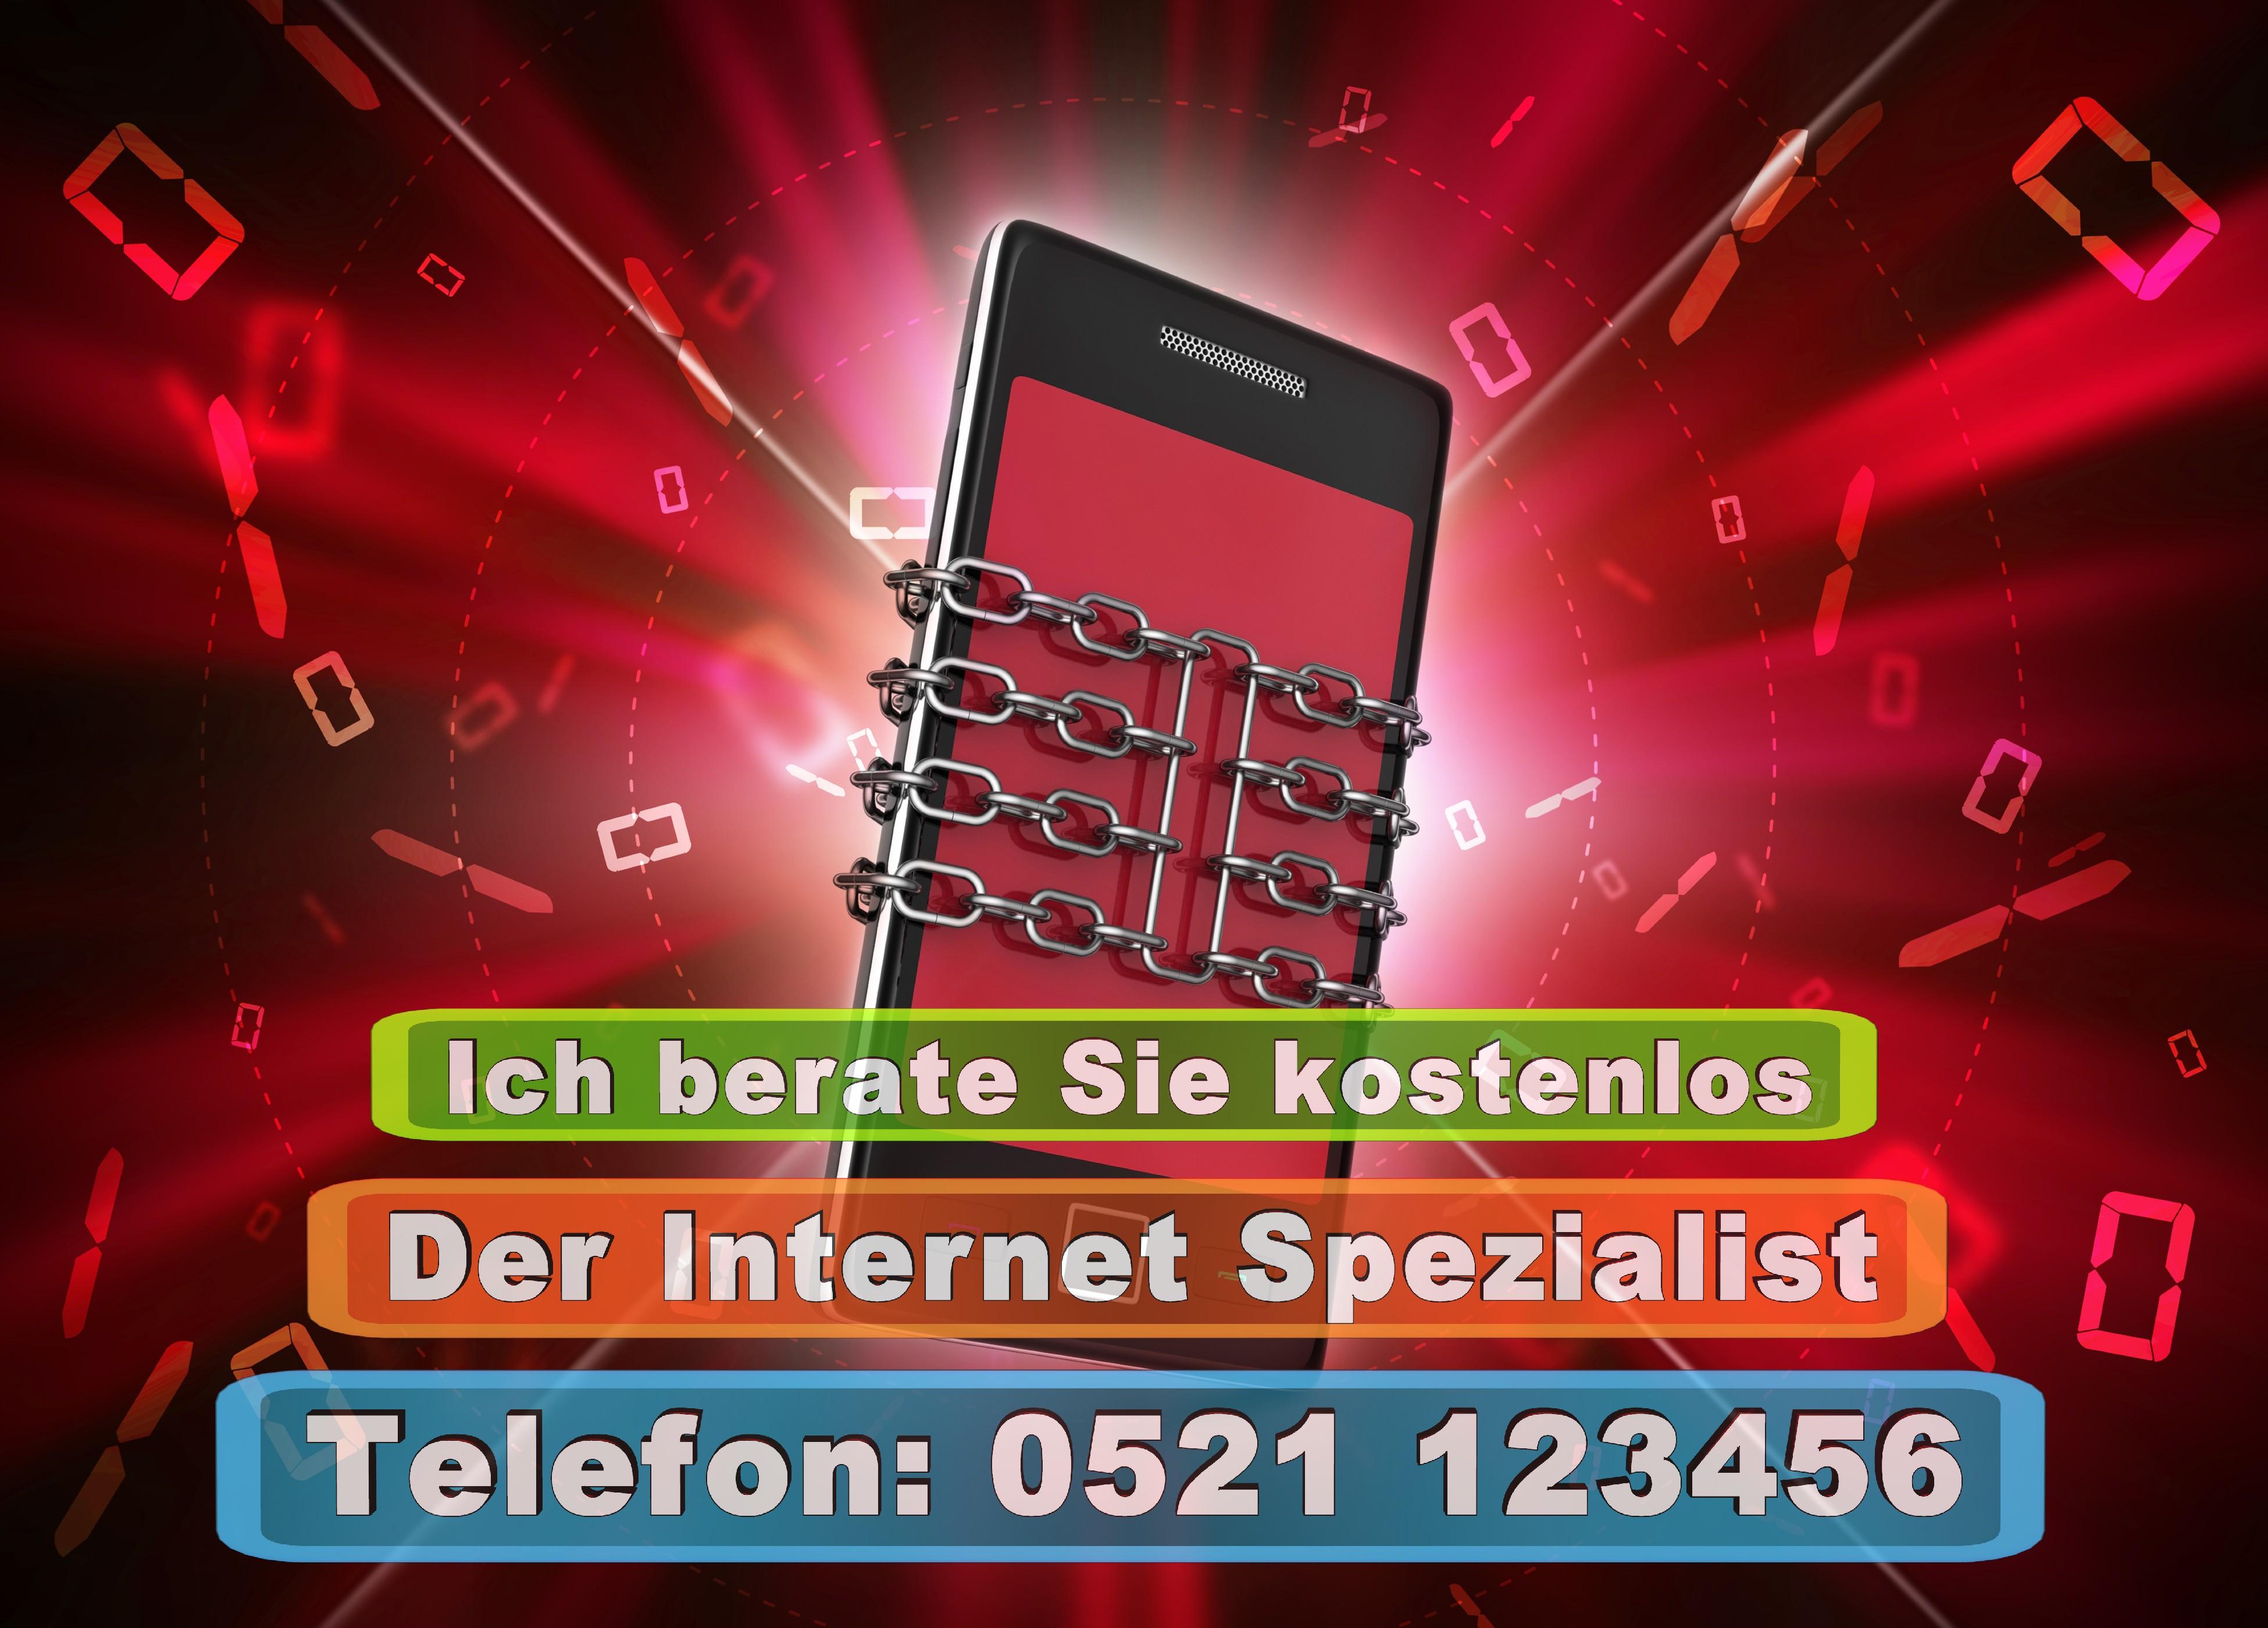 Werbeagentur Bielefeld Druckerei Bielefeld Prospekte Zeitung Visitenkarten Poster Werbung Print Presse Druck Fotografie Fotos Internet